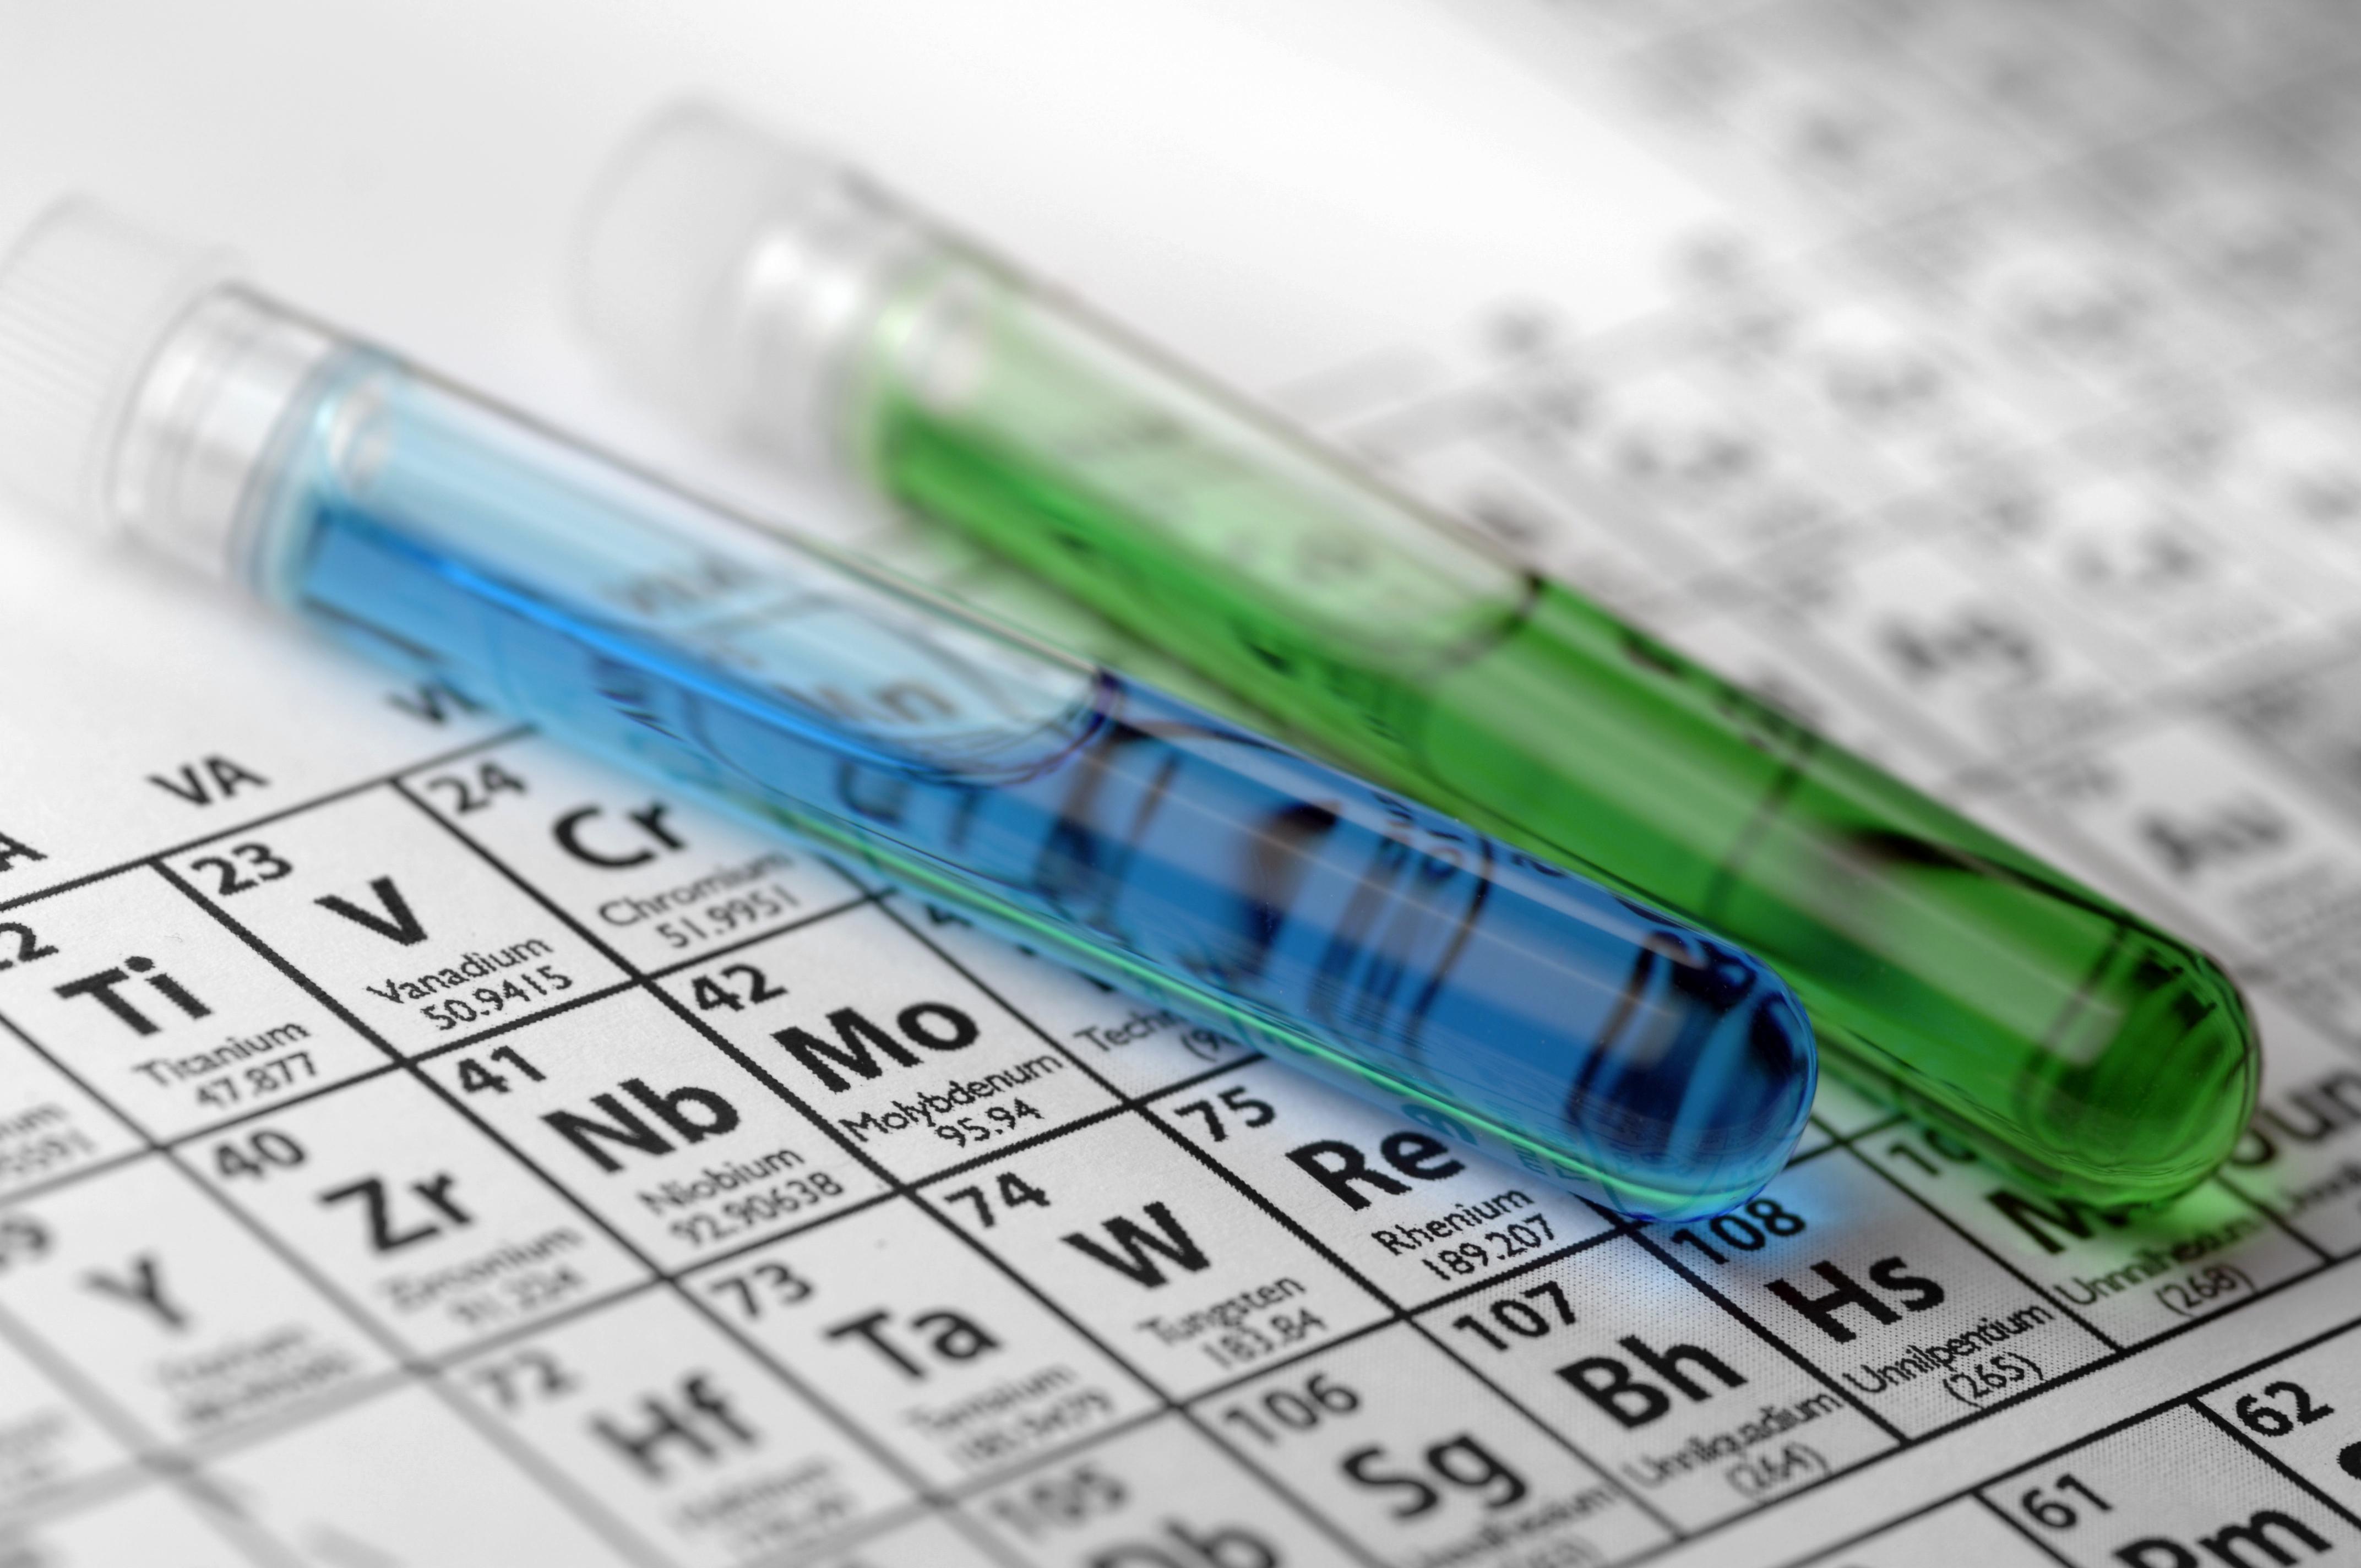 トランス脂肪酸分析